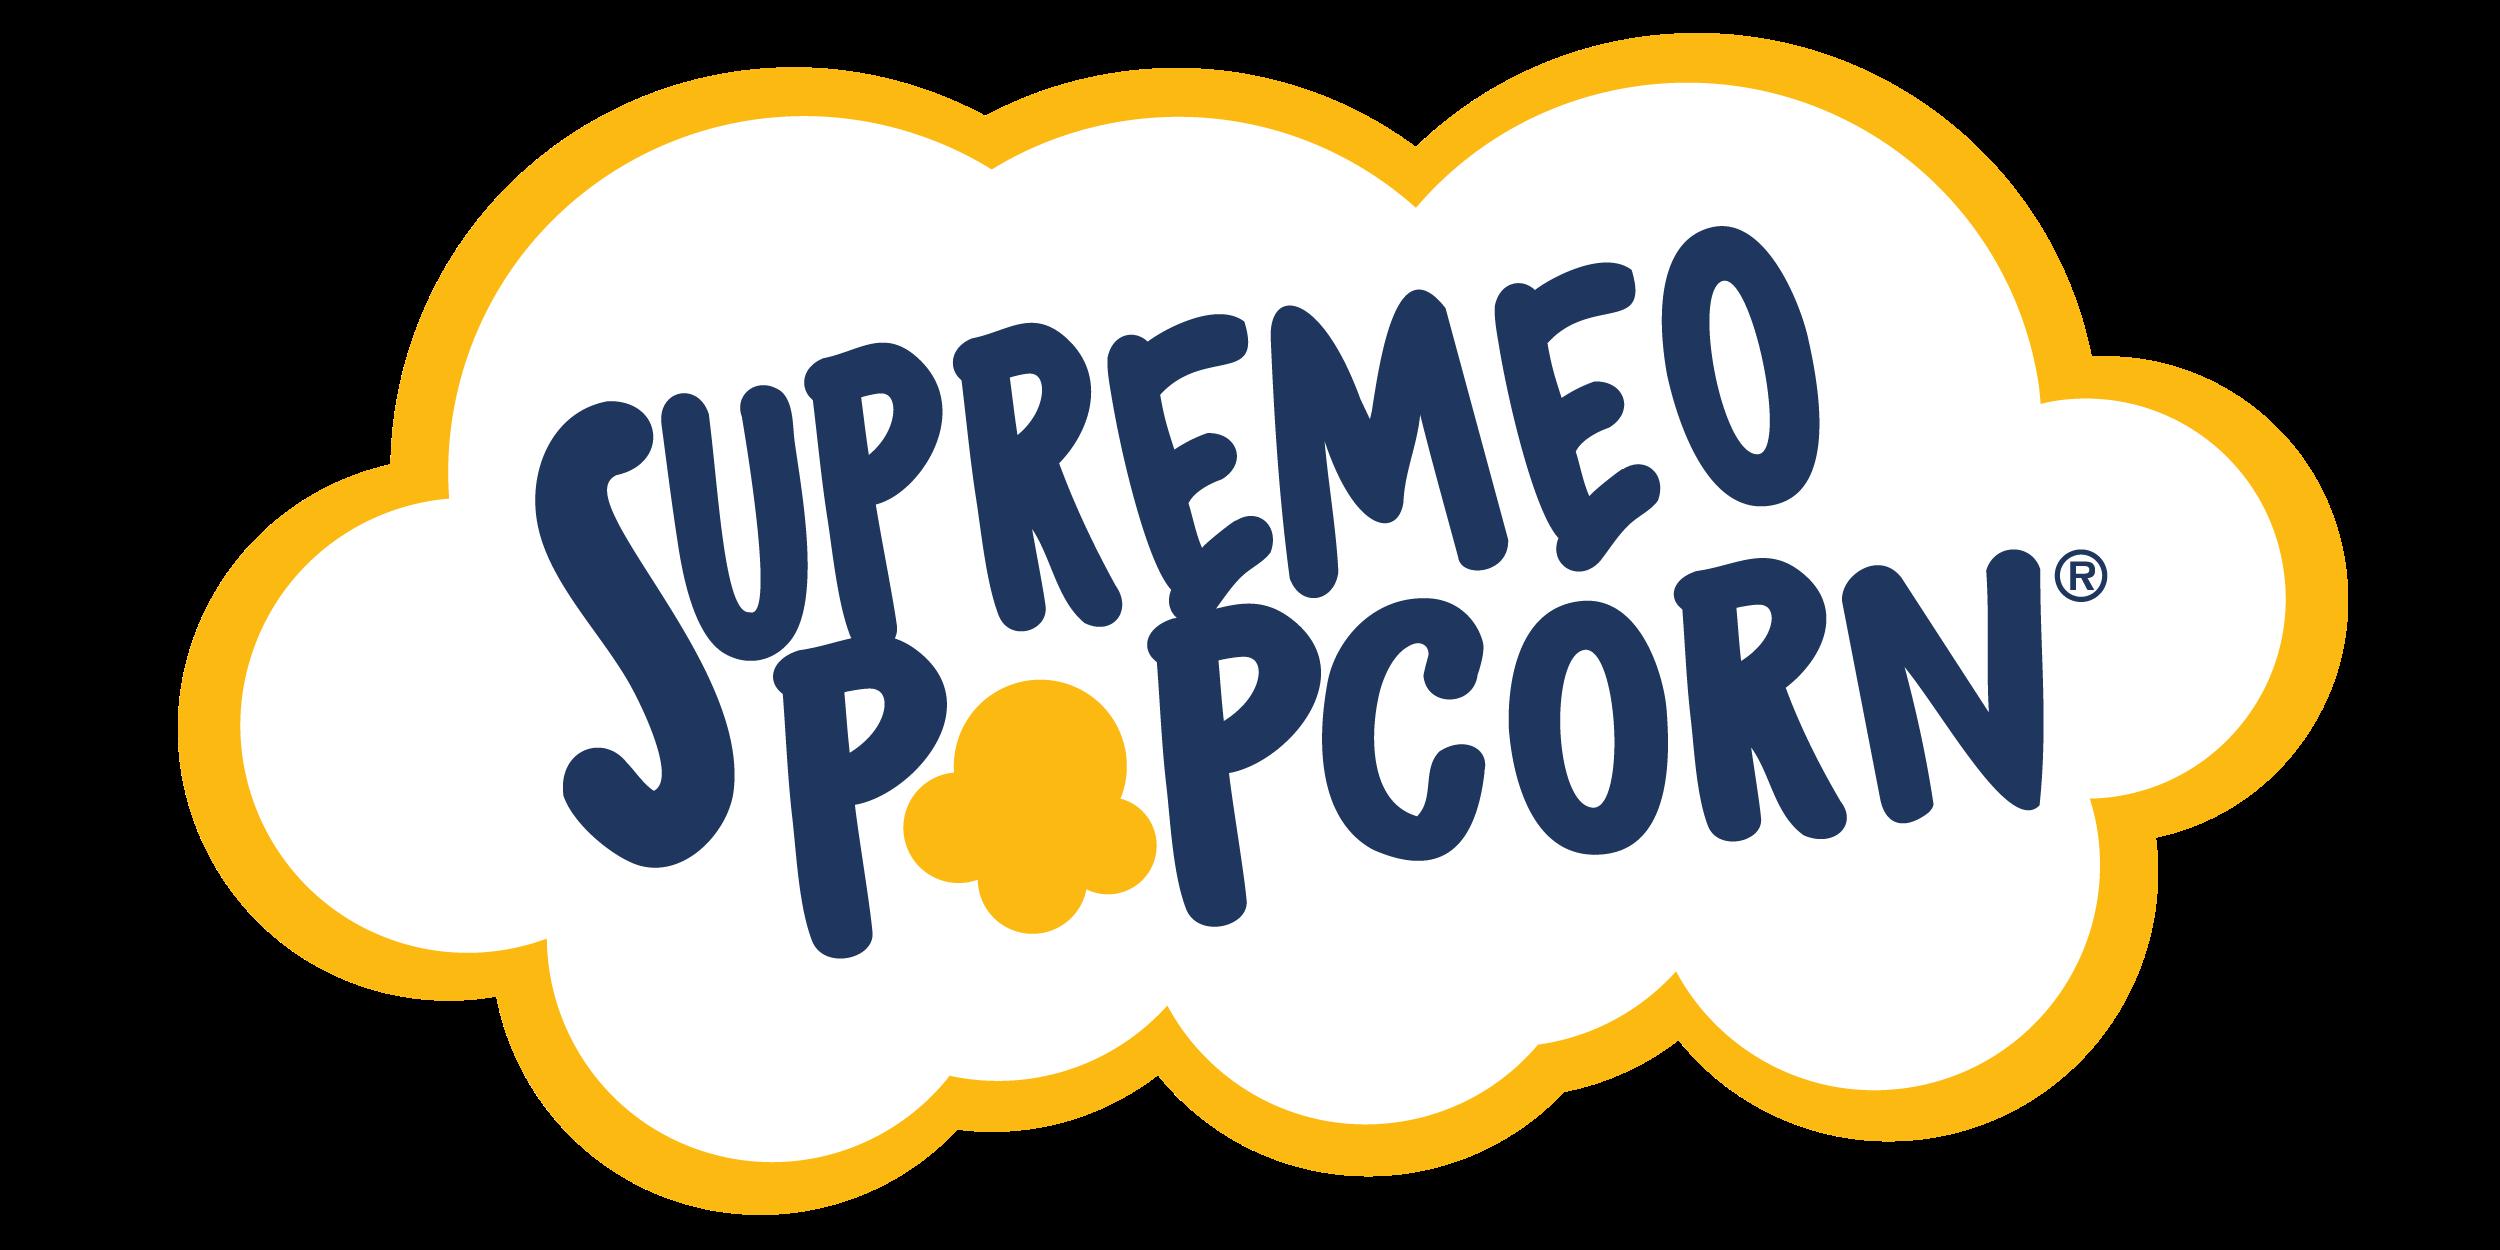 Supremeo Popcorn